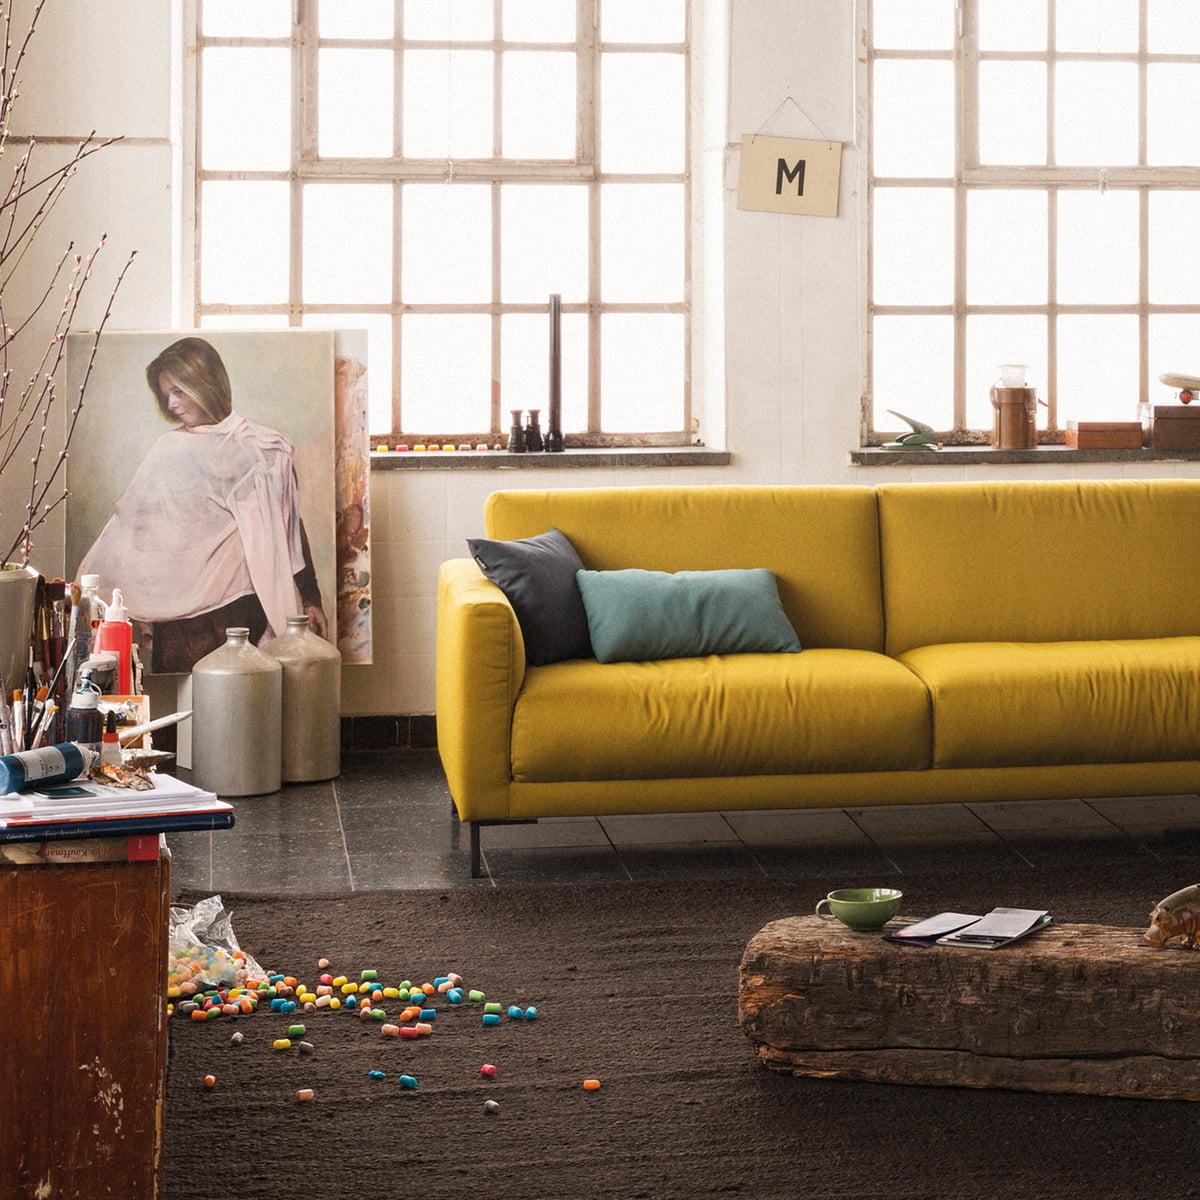 Beeindruckend Sofa Ecke Referenz Von Freistil - 141 3-seater